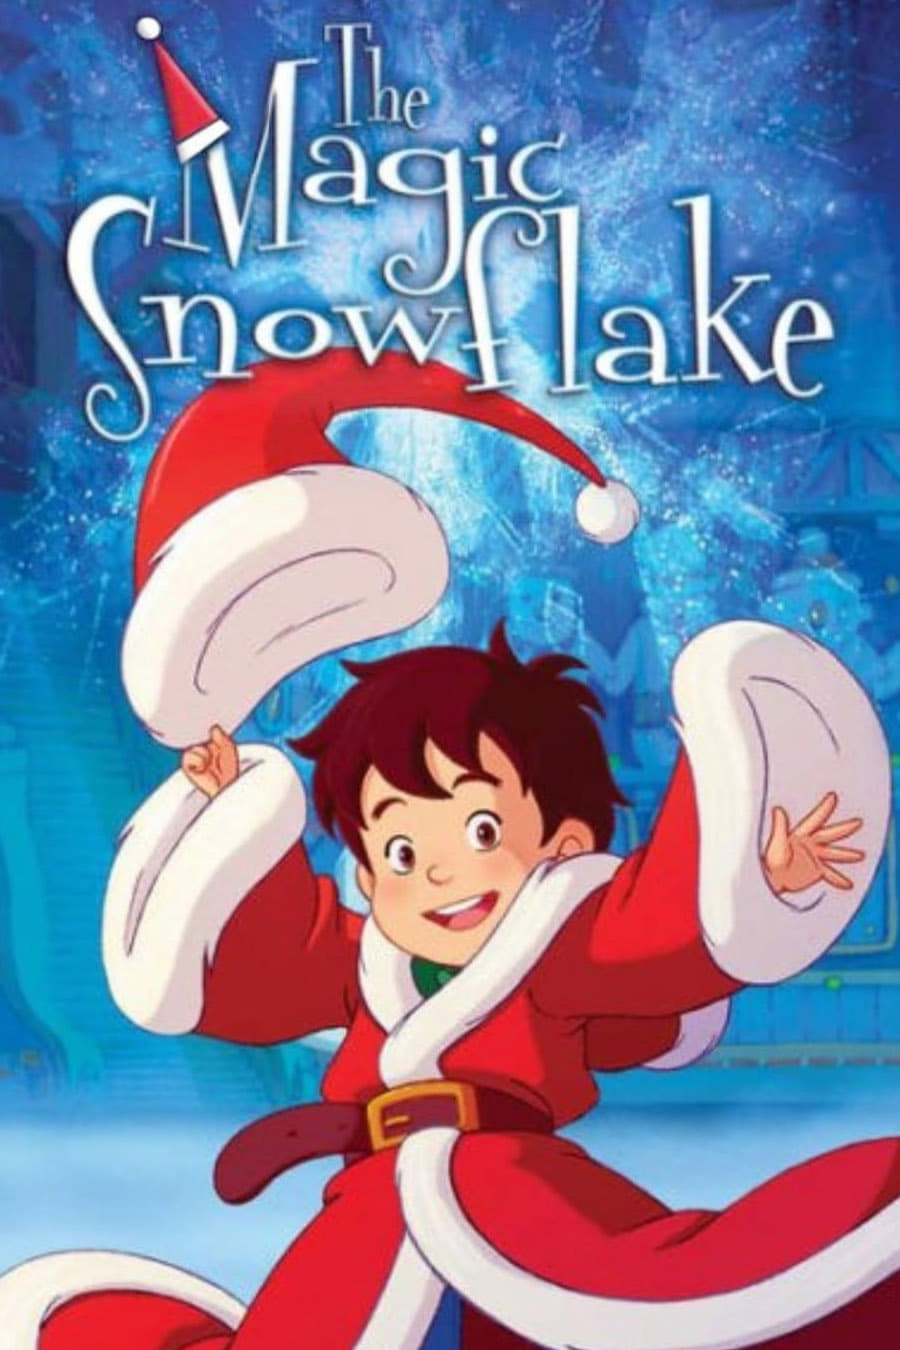 دانلود انیمیشنThe Magic Snowflake 2013 با دوبله فارسی